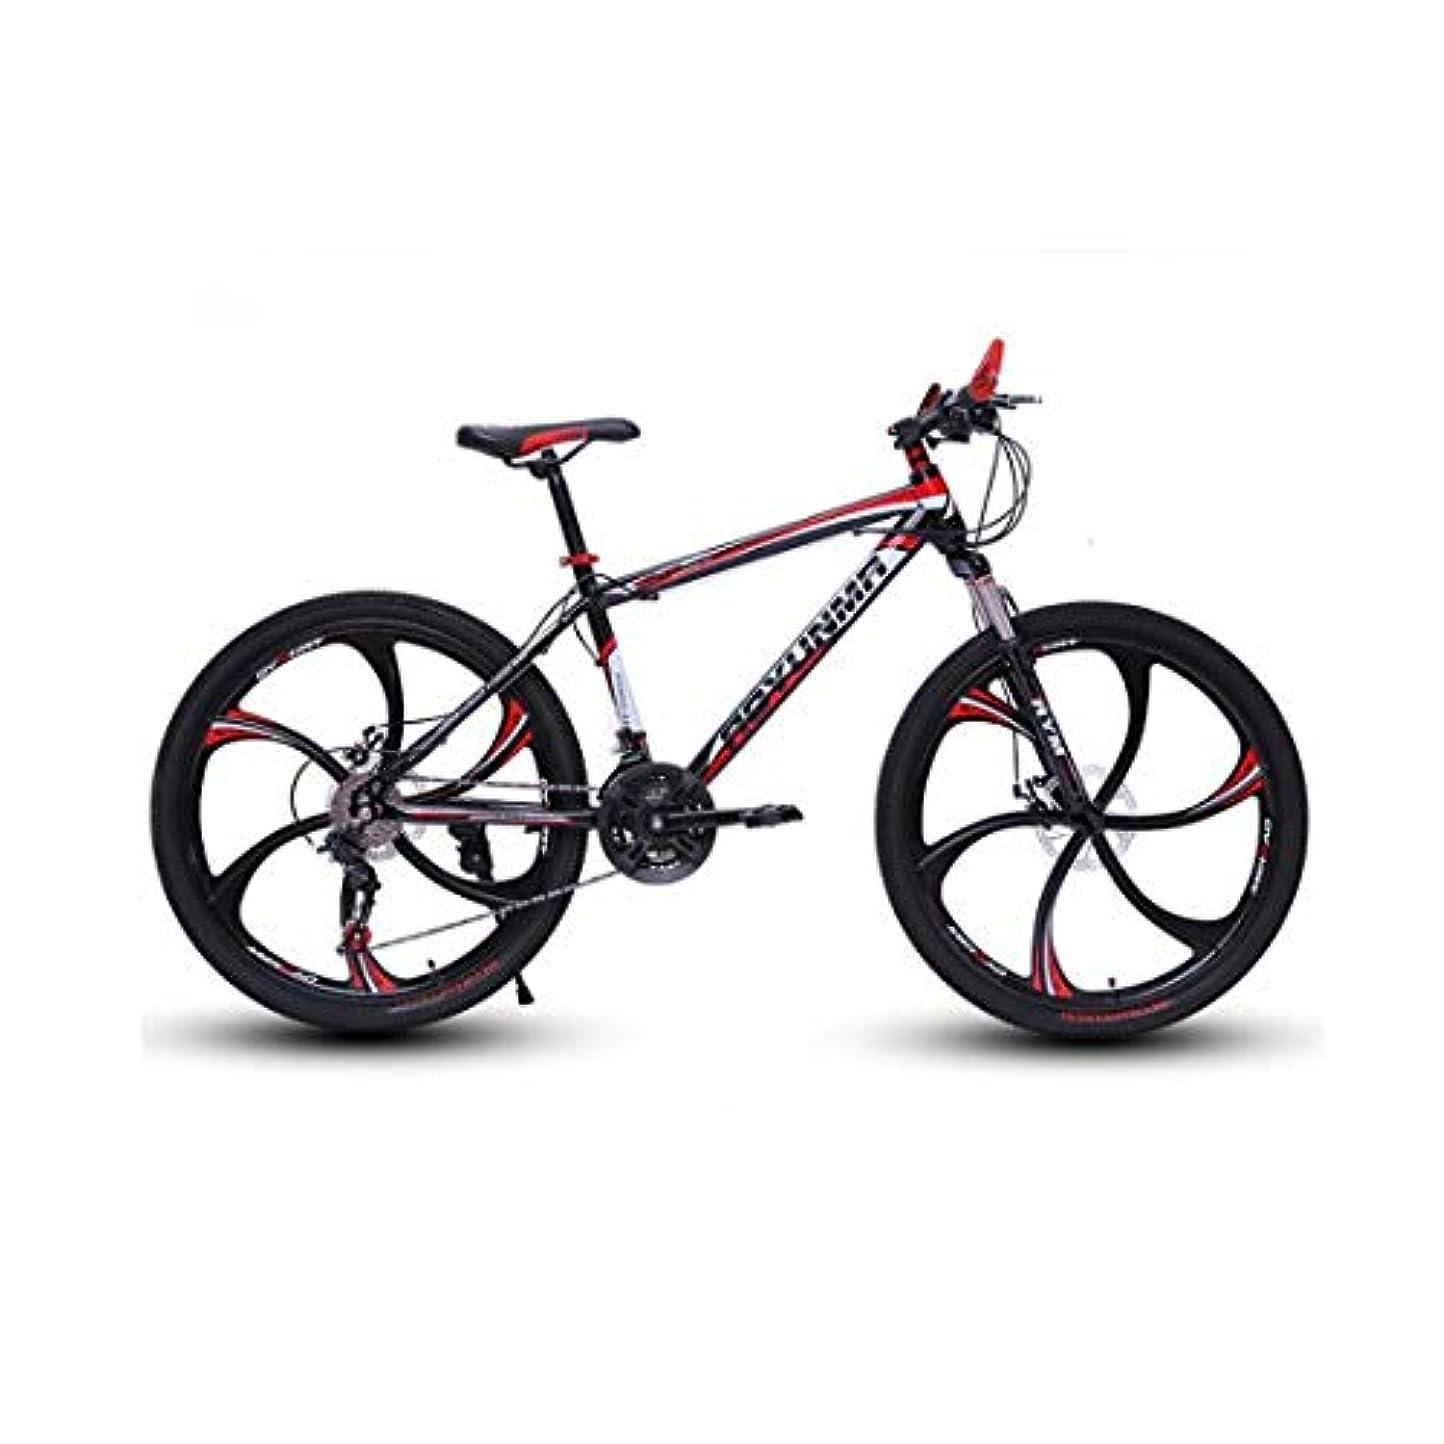 風邪をひくランタン世界26インチの大人のマウンテンバイク、ダブルディスクブレーキバイク、ビーチスノーモービル自転車、高炭素鋼のフレームをアップグレードし、アルミ合金ホイール